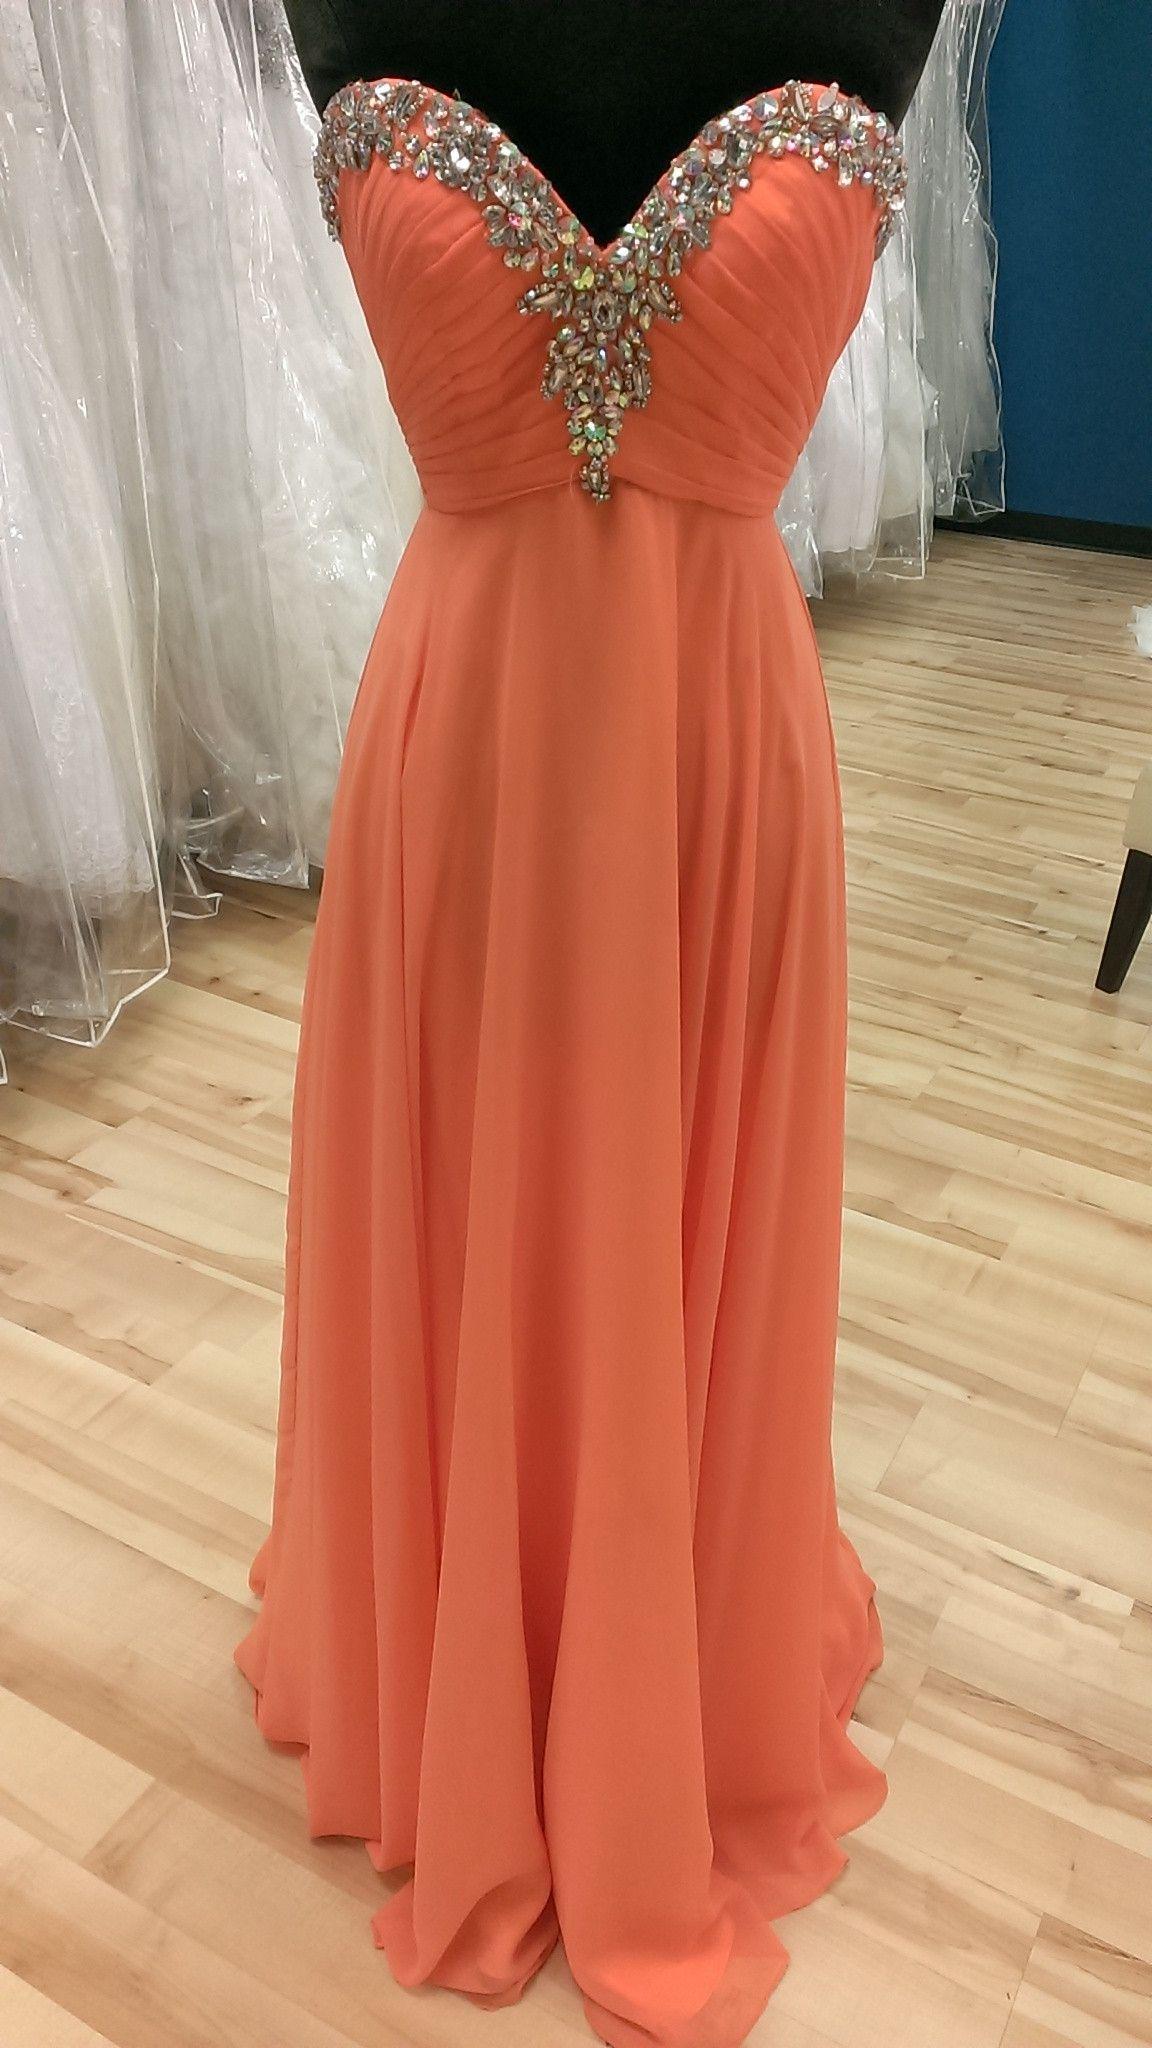 Citrus Orange Prom Dress